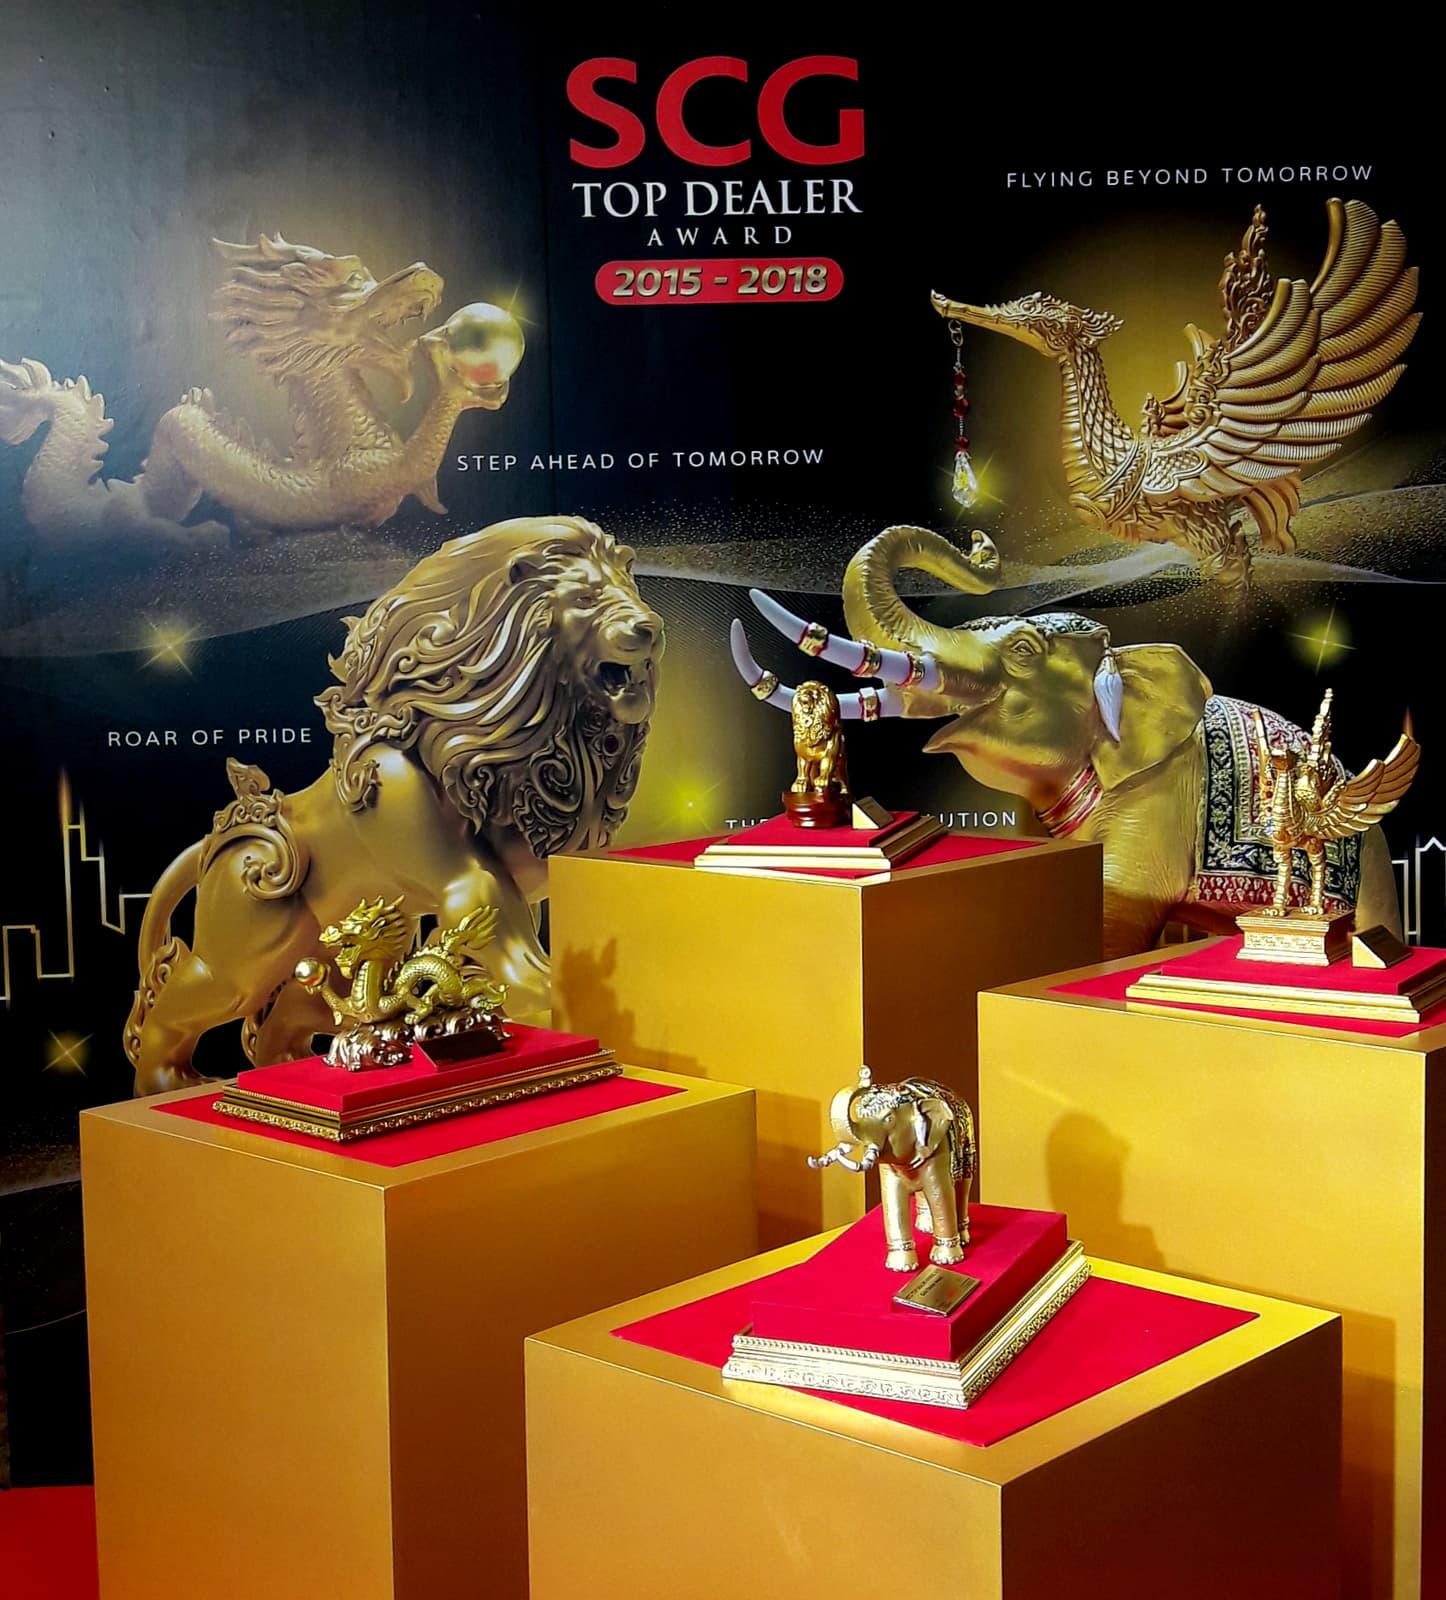 SCG Top Dealer Trophy in 2018